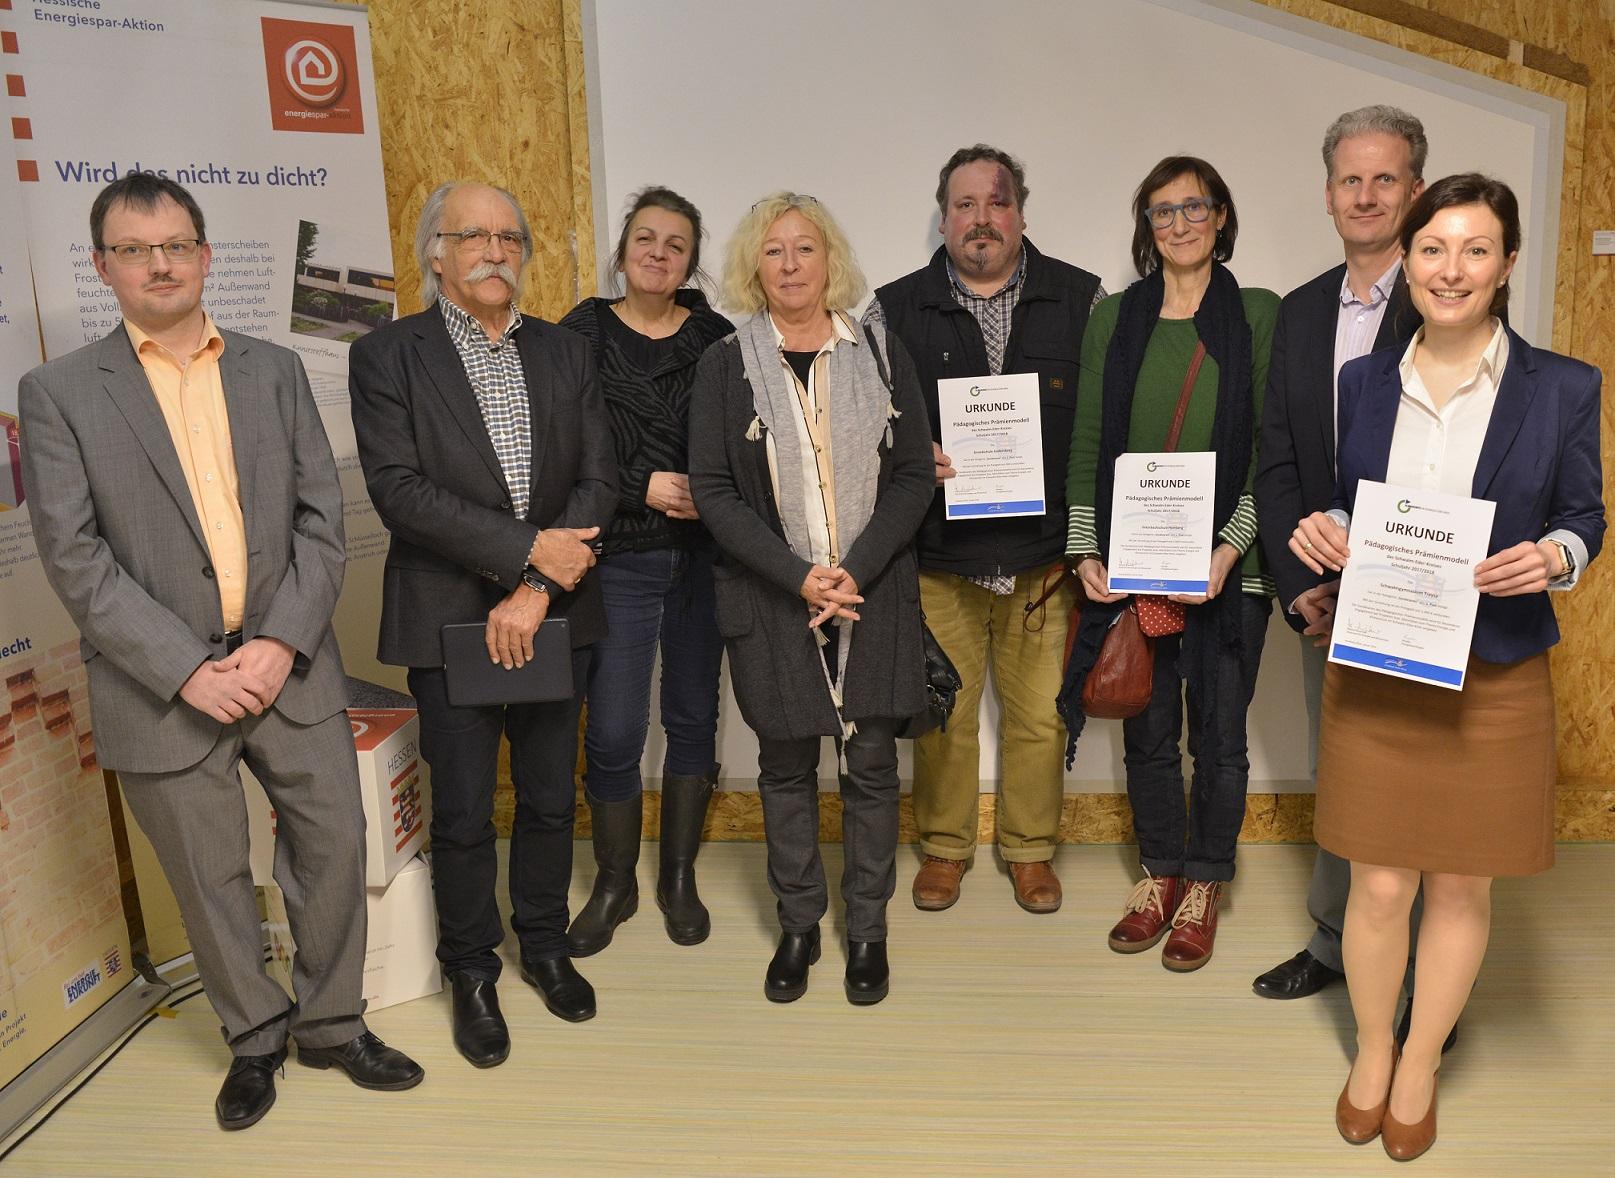 Die Preisträger des pädagogischen Prämienmodells und des Sonderpreises vor dem Technikhaus der Radko-Stöckl-Schule in Melsungen